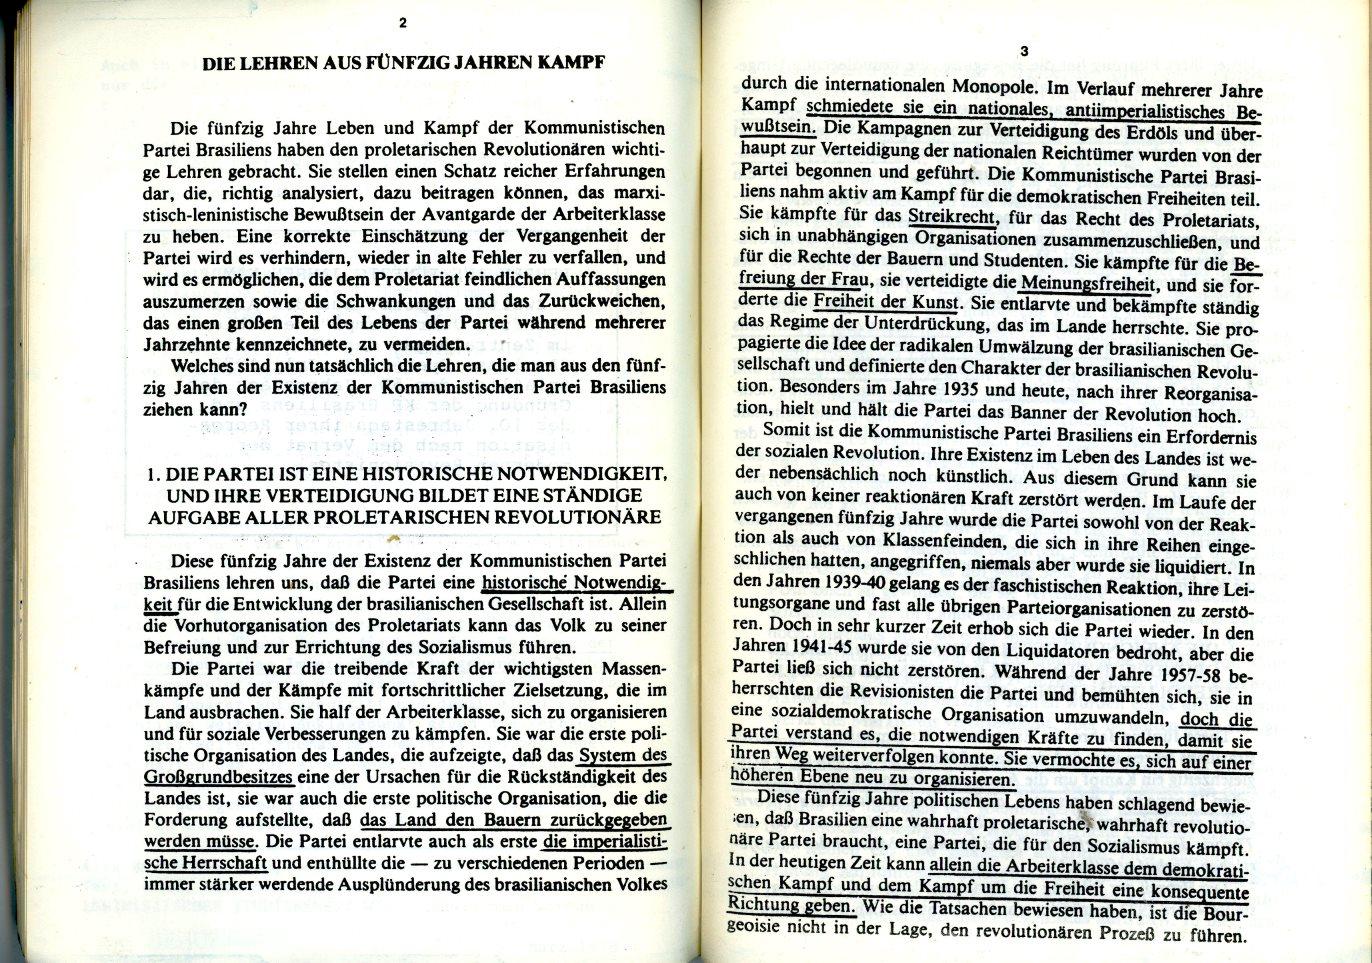 MLSK_Theorie_und_Praxis_des_ML_1978_20_10